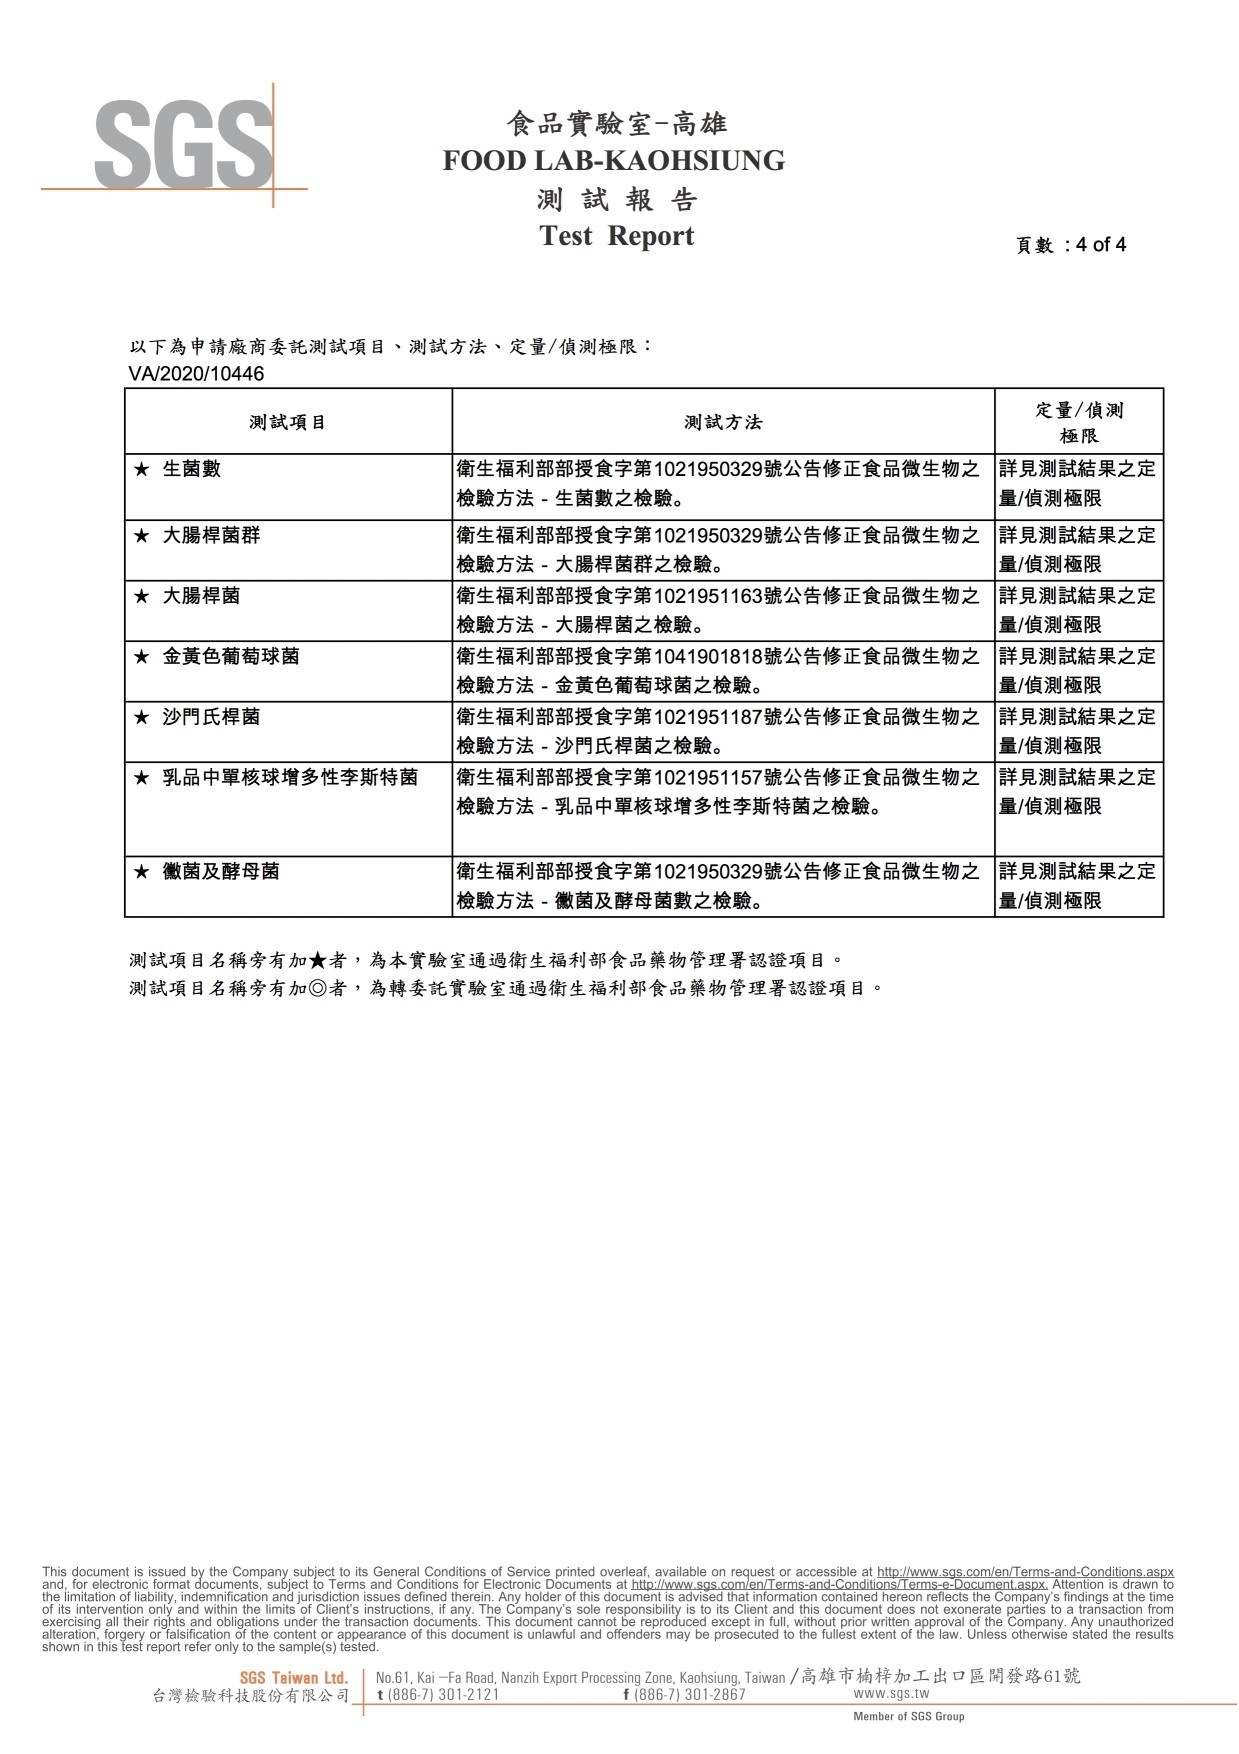 福汎椰香【微生物】